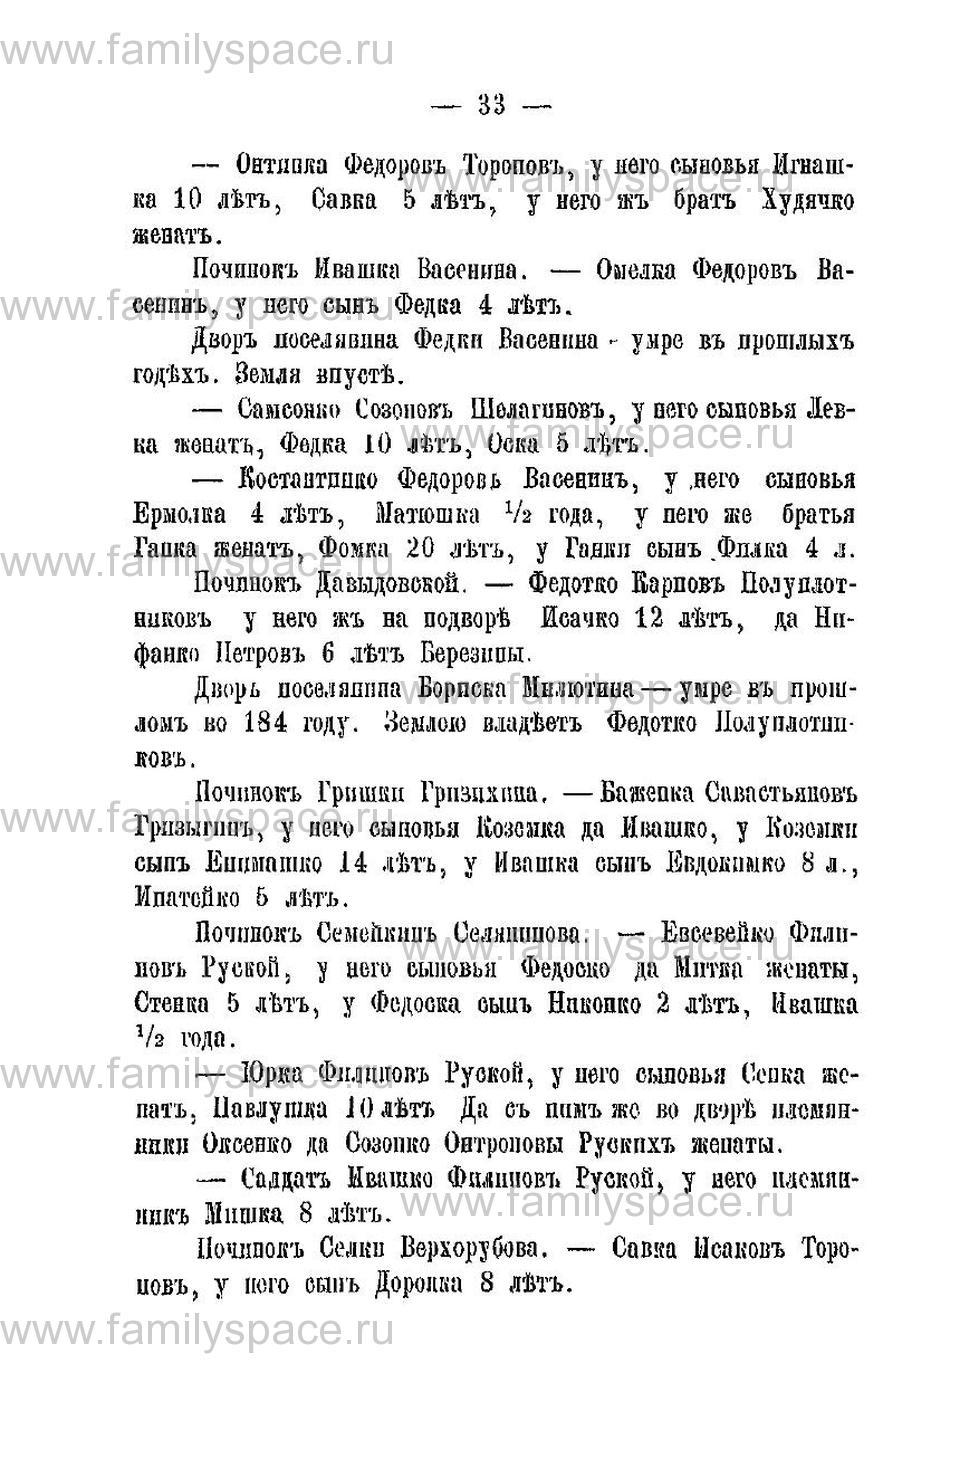 Поиск по фамилии - Переписная книга Орлова и волостей 1678 г, страница 29